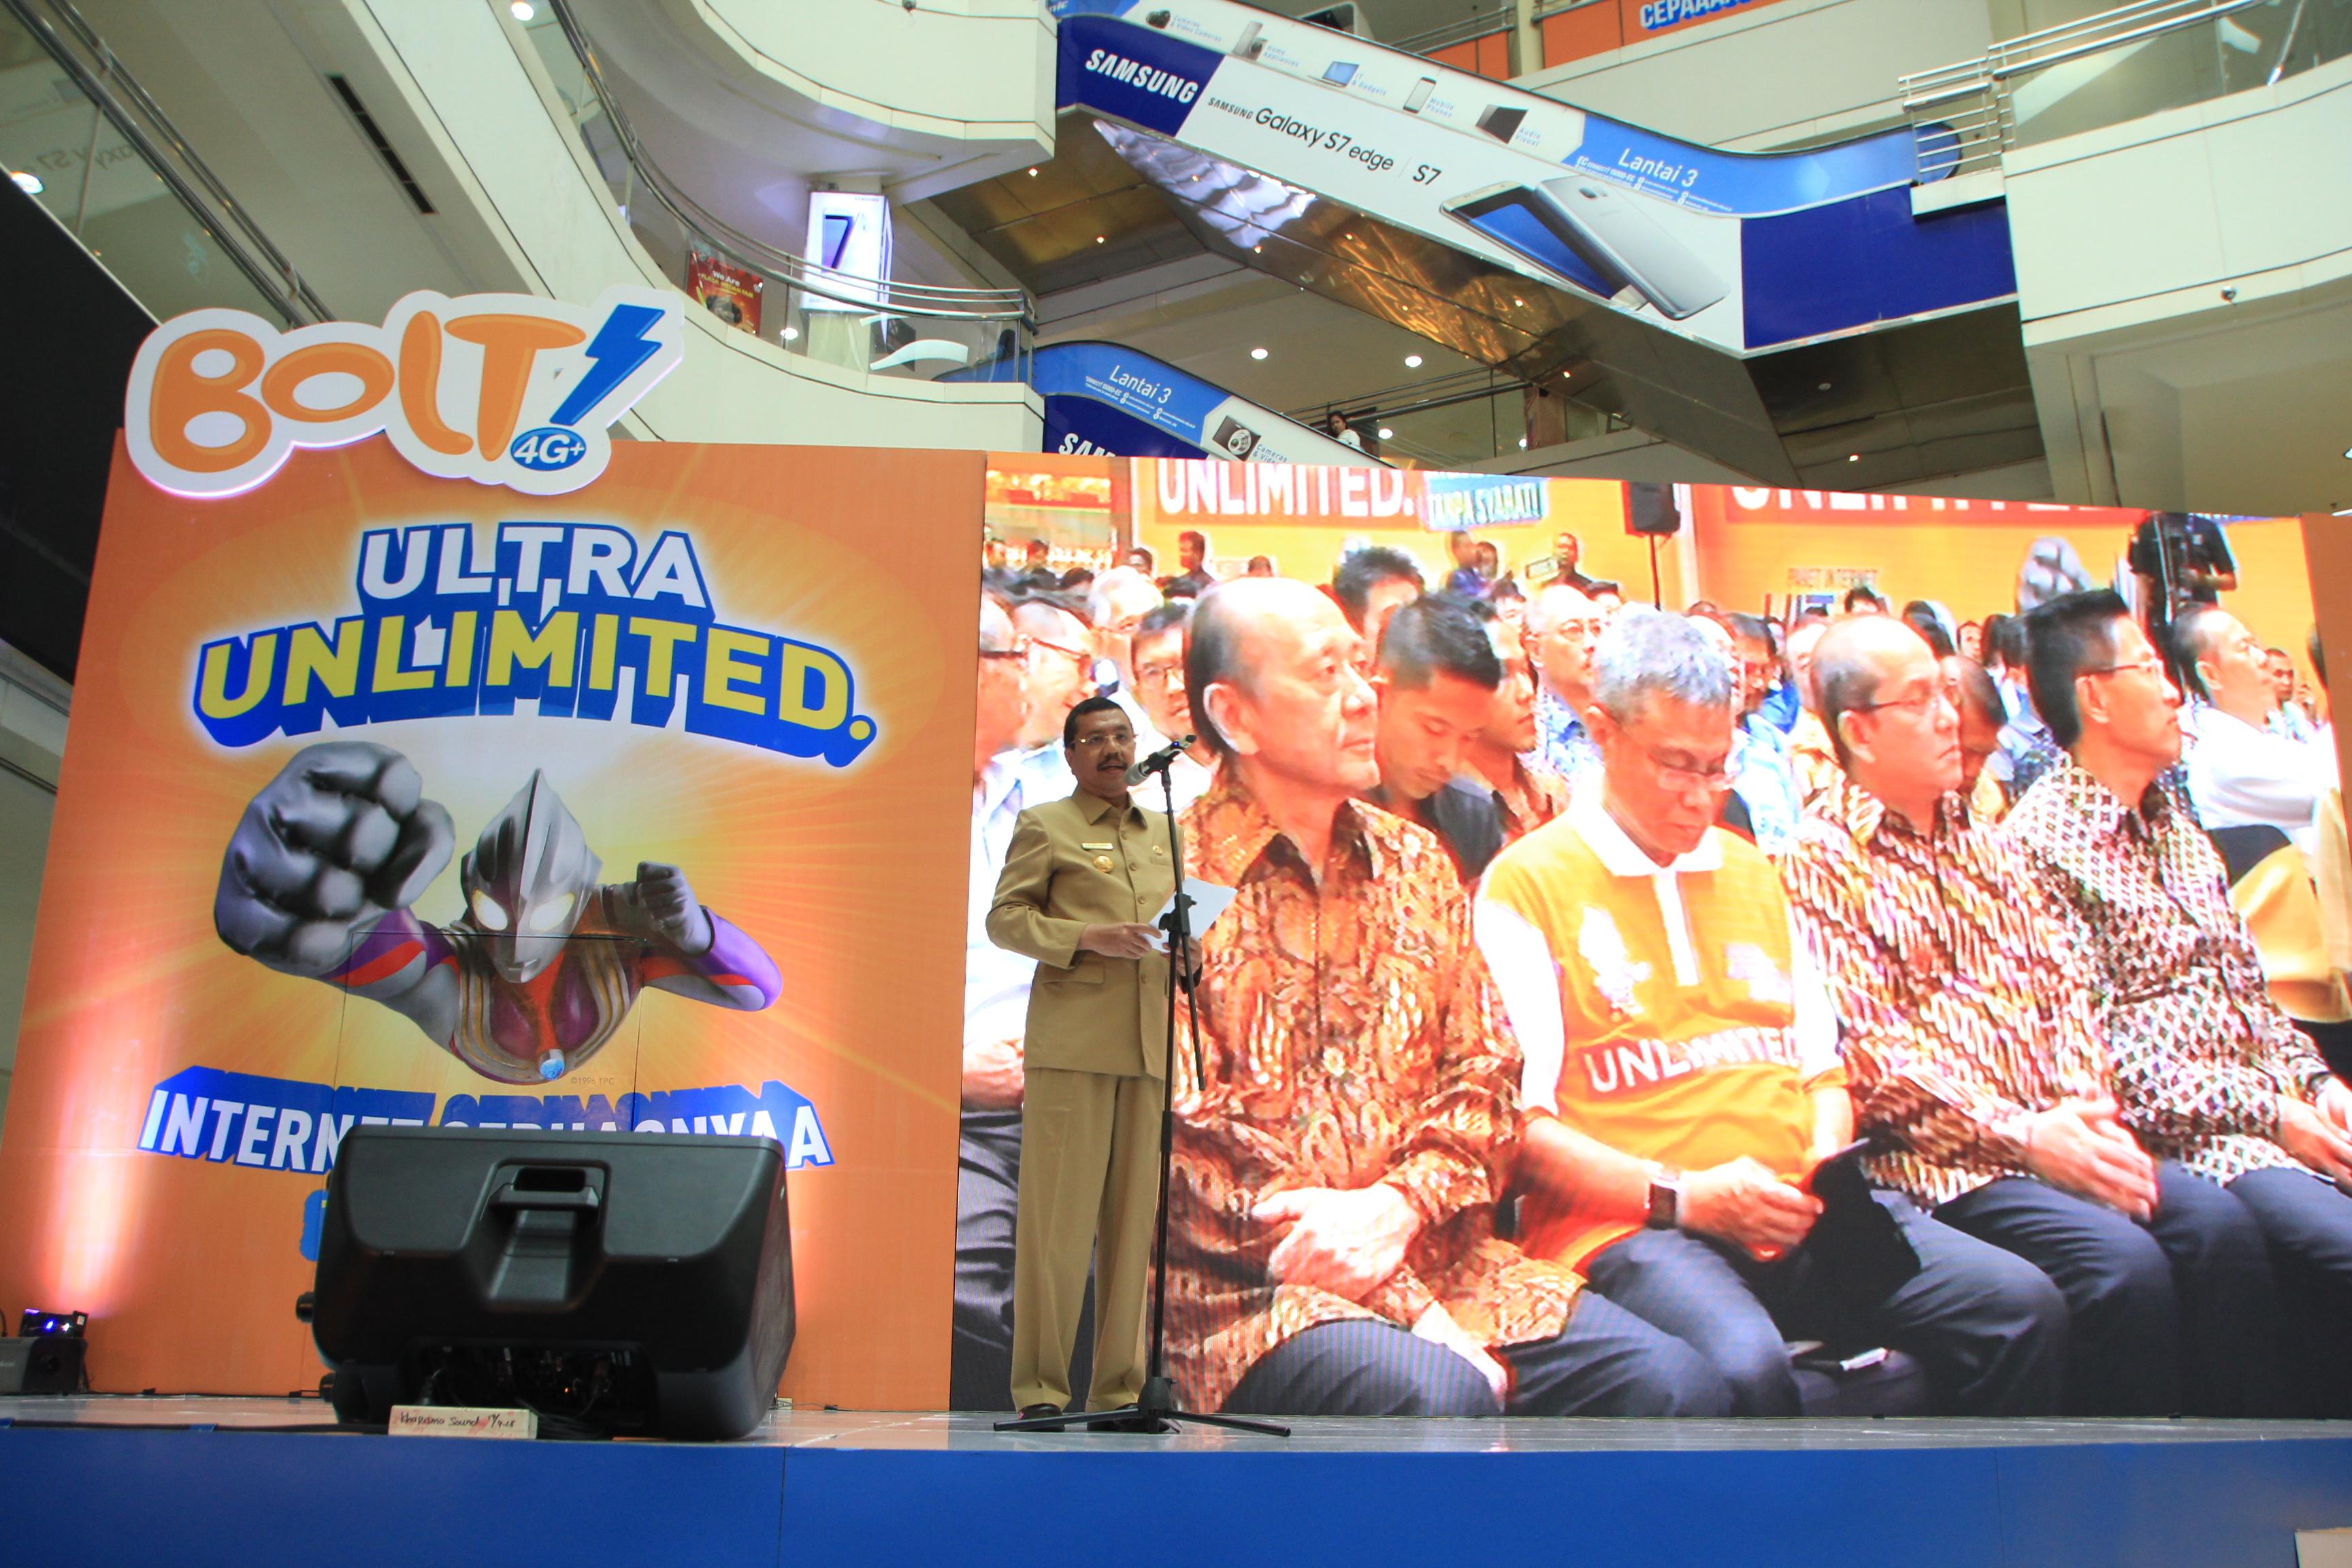 BOLT! Ultra Unlimited Kini Hadir di Medan